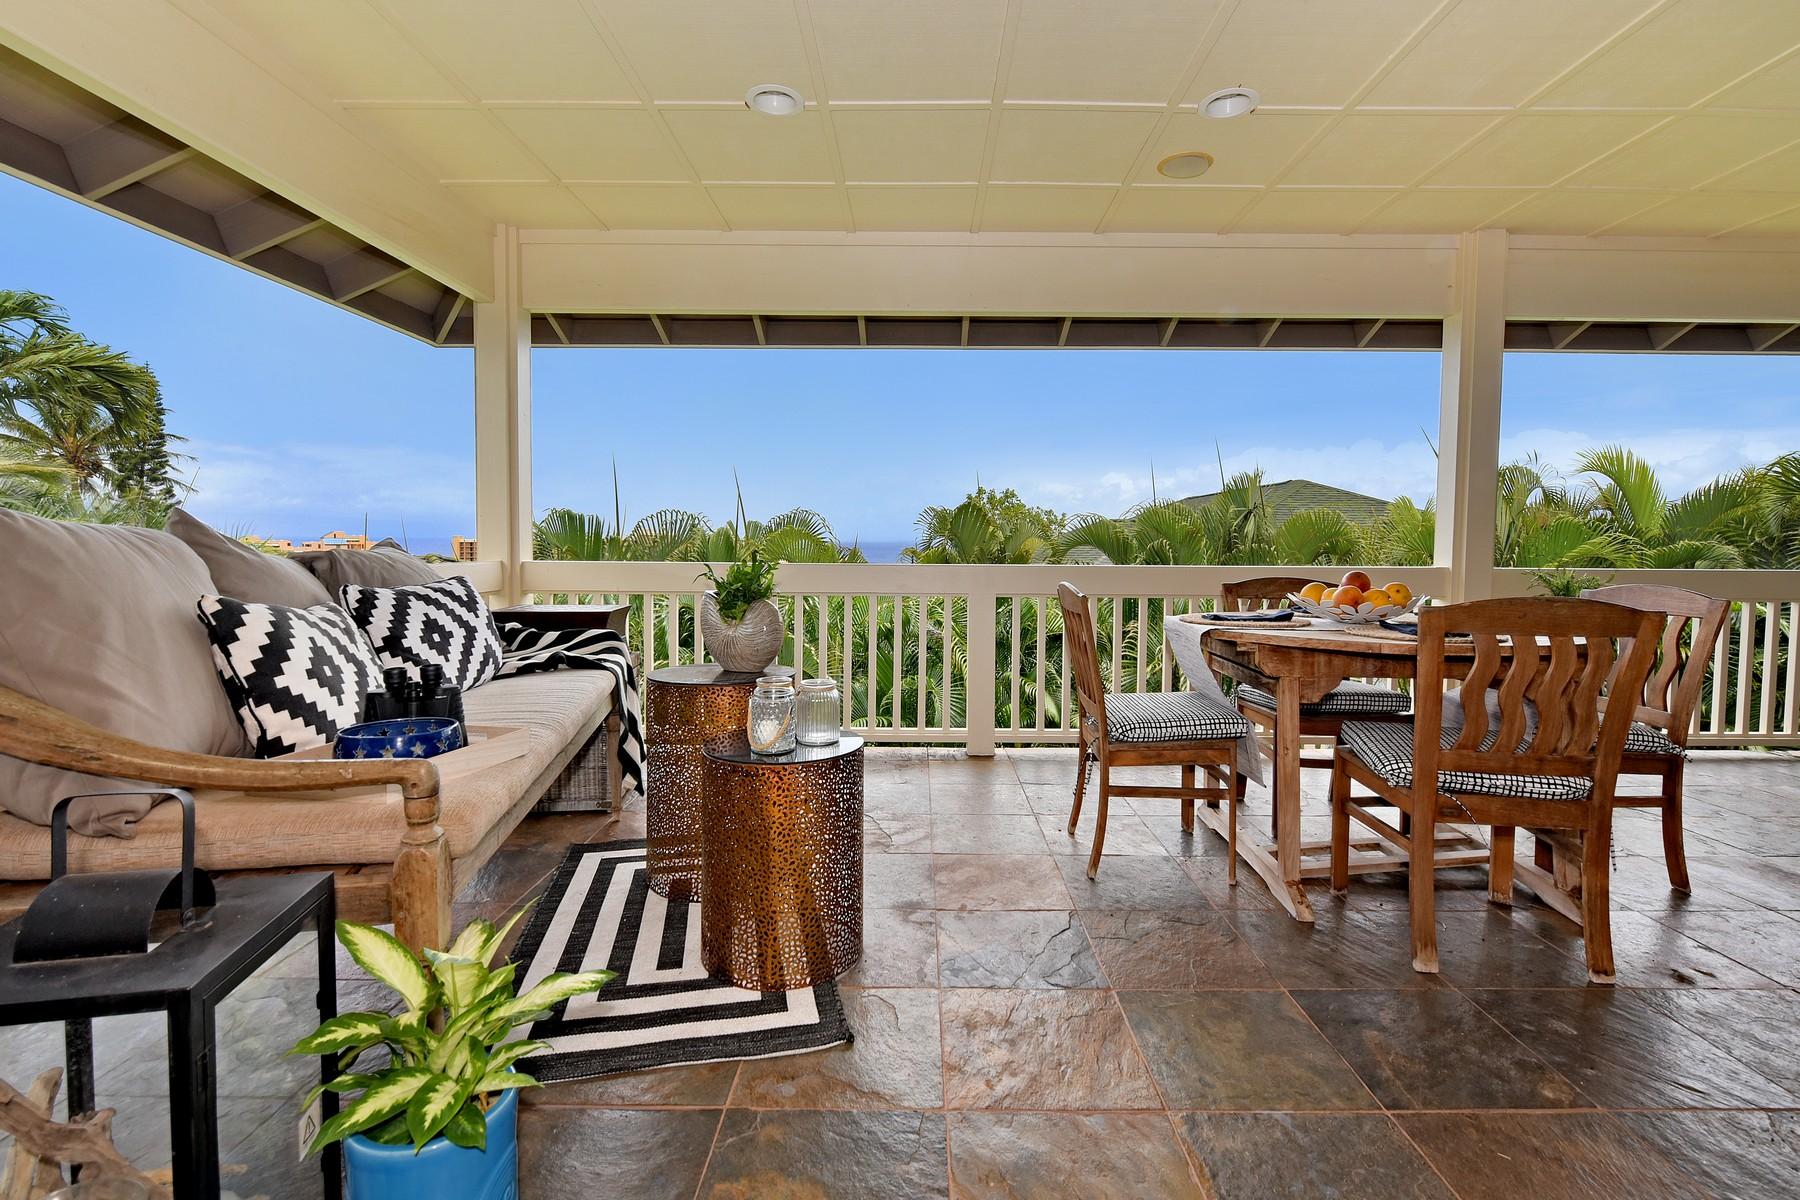 一戸建て のために 売買 アット Views and Outdoor Living Perfect for the Maui Lifestyle! 29 Poinciana Rd Lahaina, ハワイ 96761 アメリカ合衆国